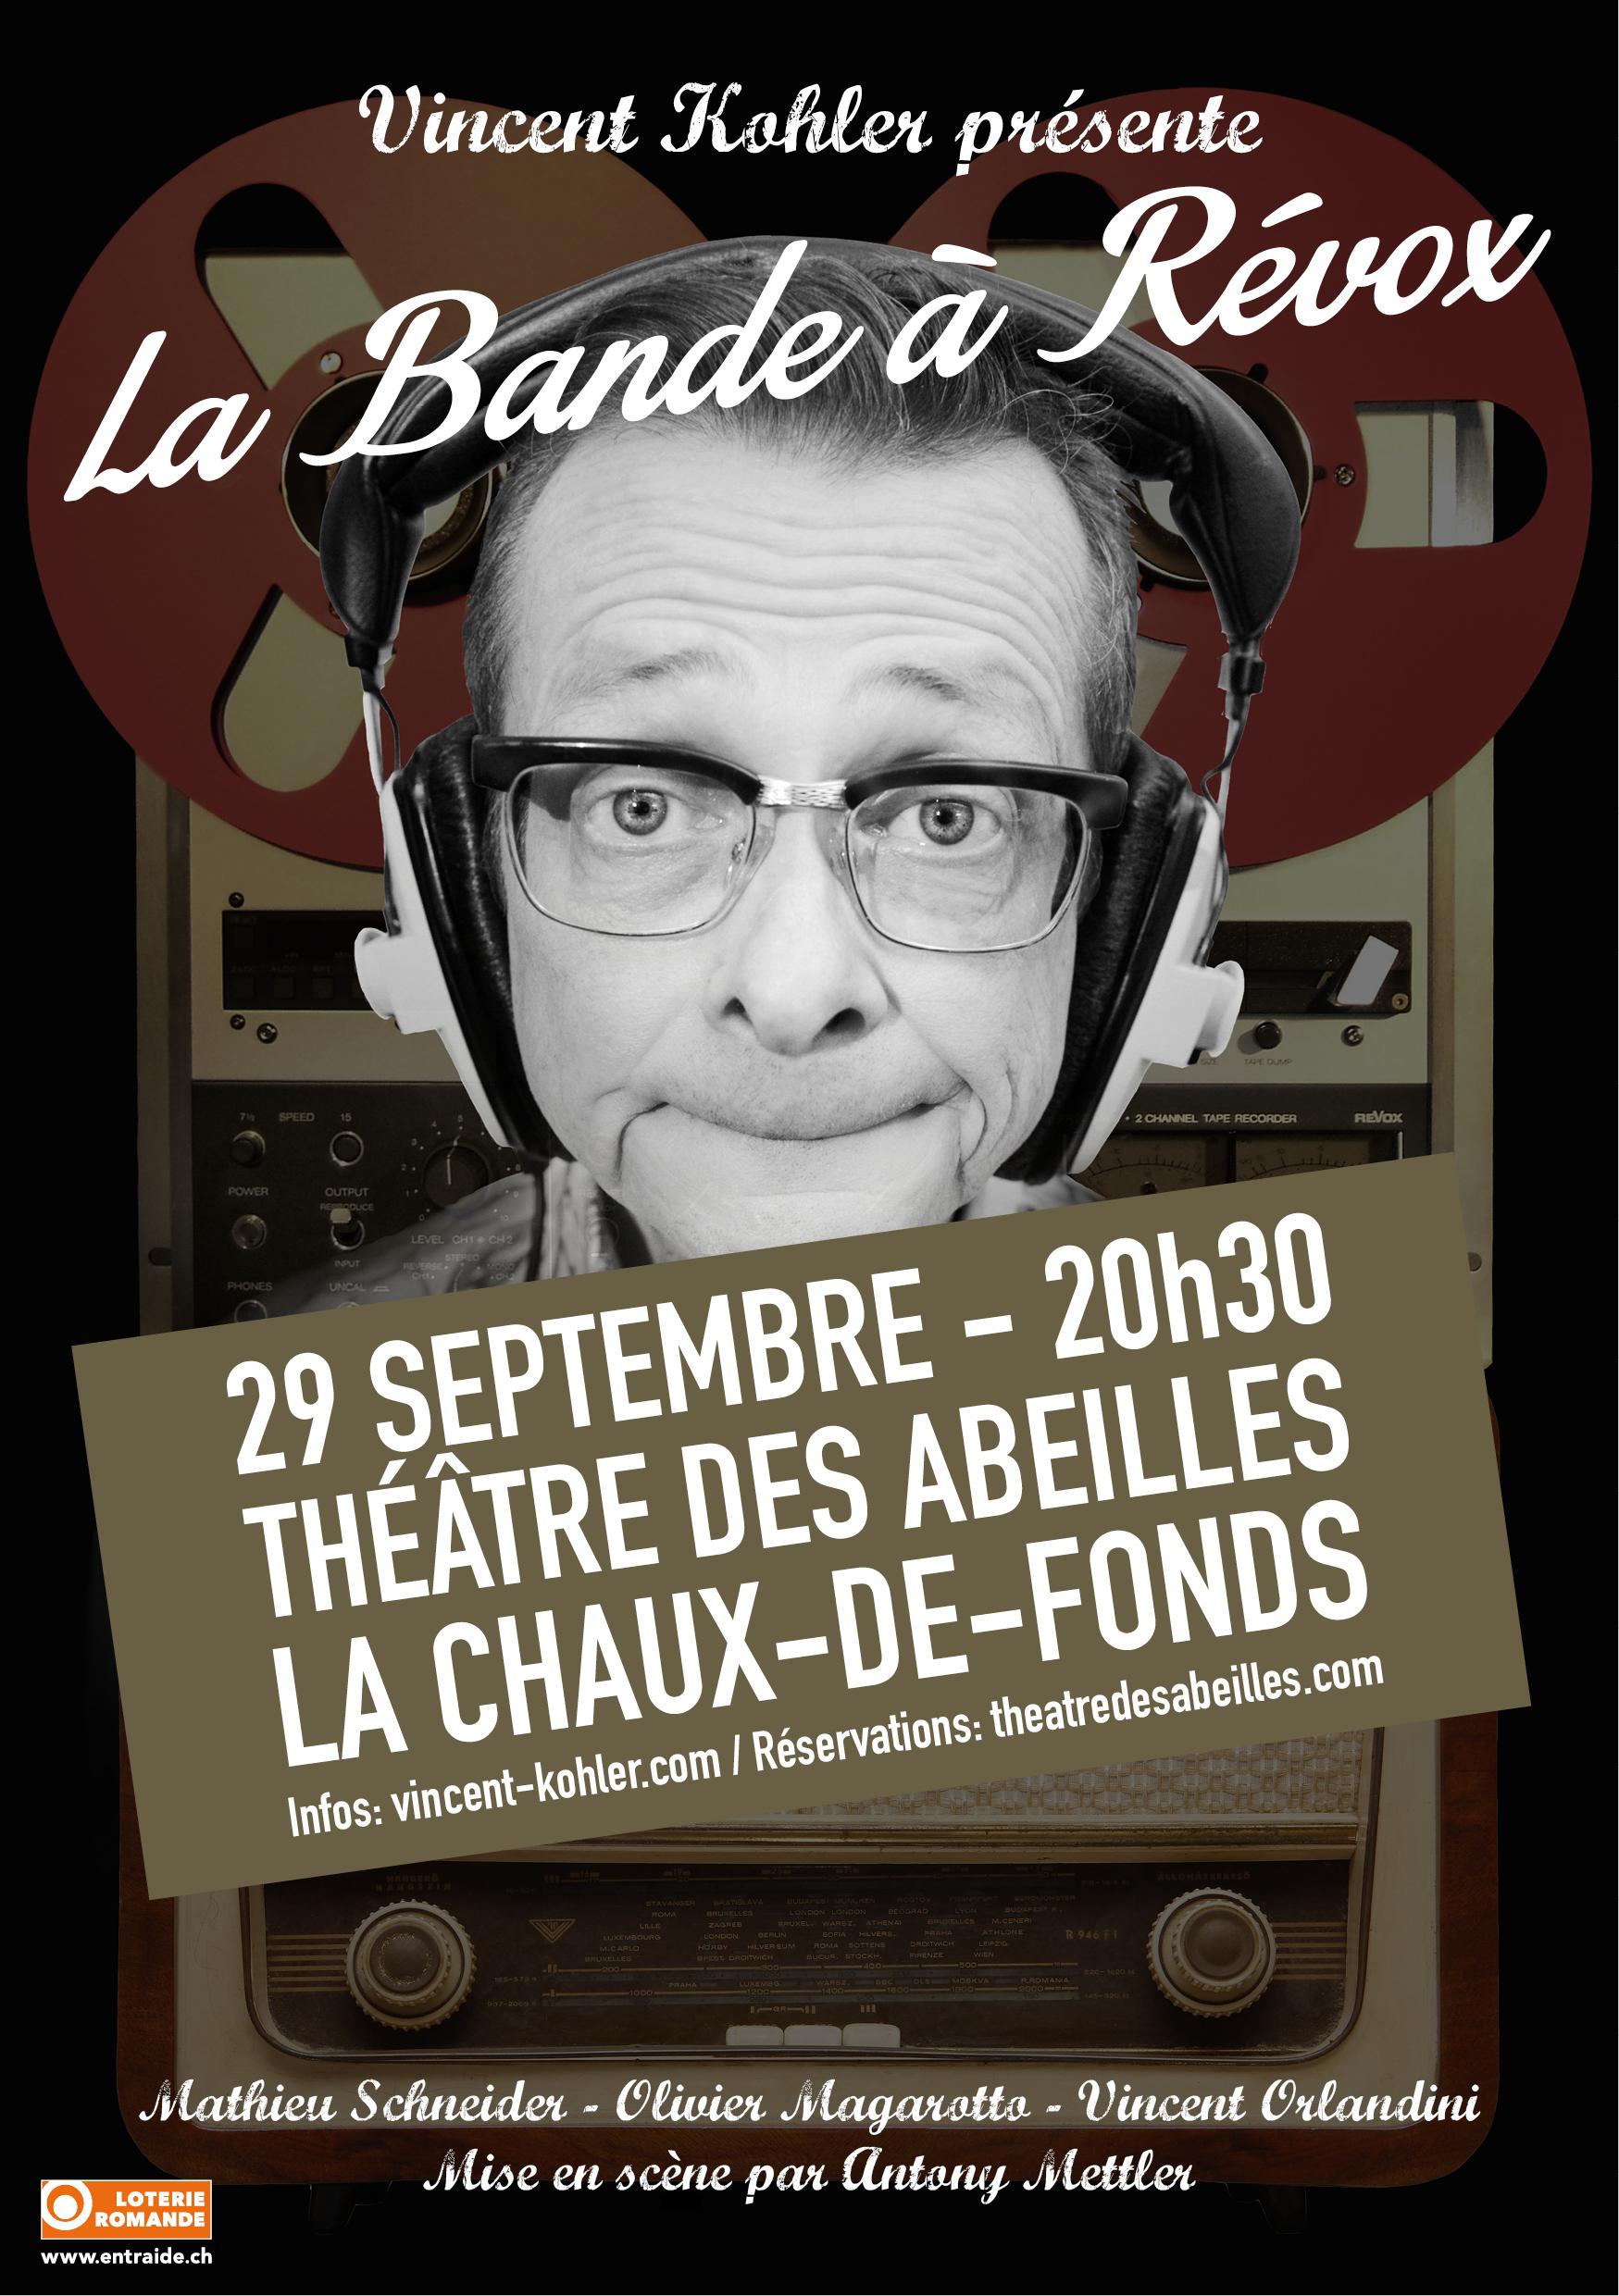 Vincent Kohler présente La Bande à Révox au Théâtre des Abeilles le 29 septembre 2017 à 20h30